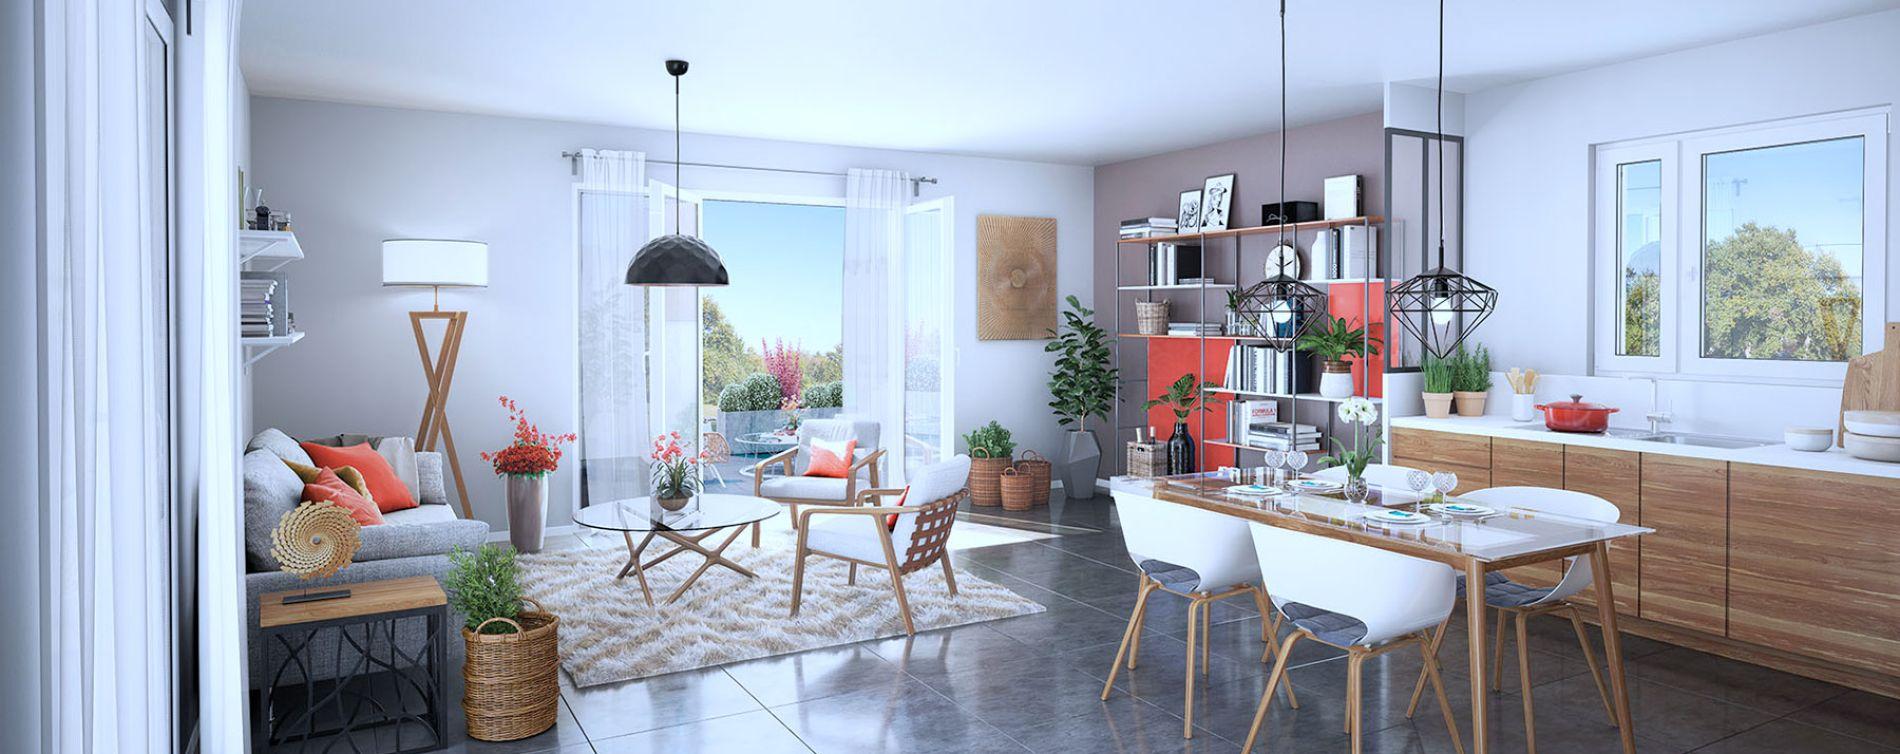 Saint-Priest : programme immobilier neuve « Programme immobilier n°215732 » (4)